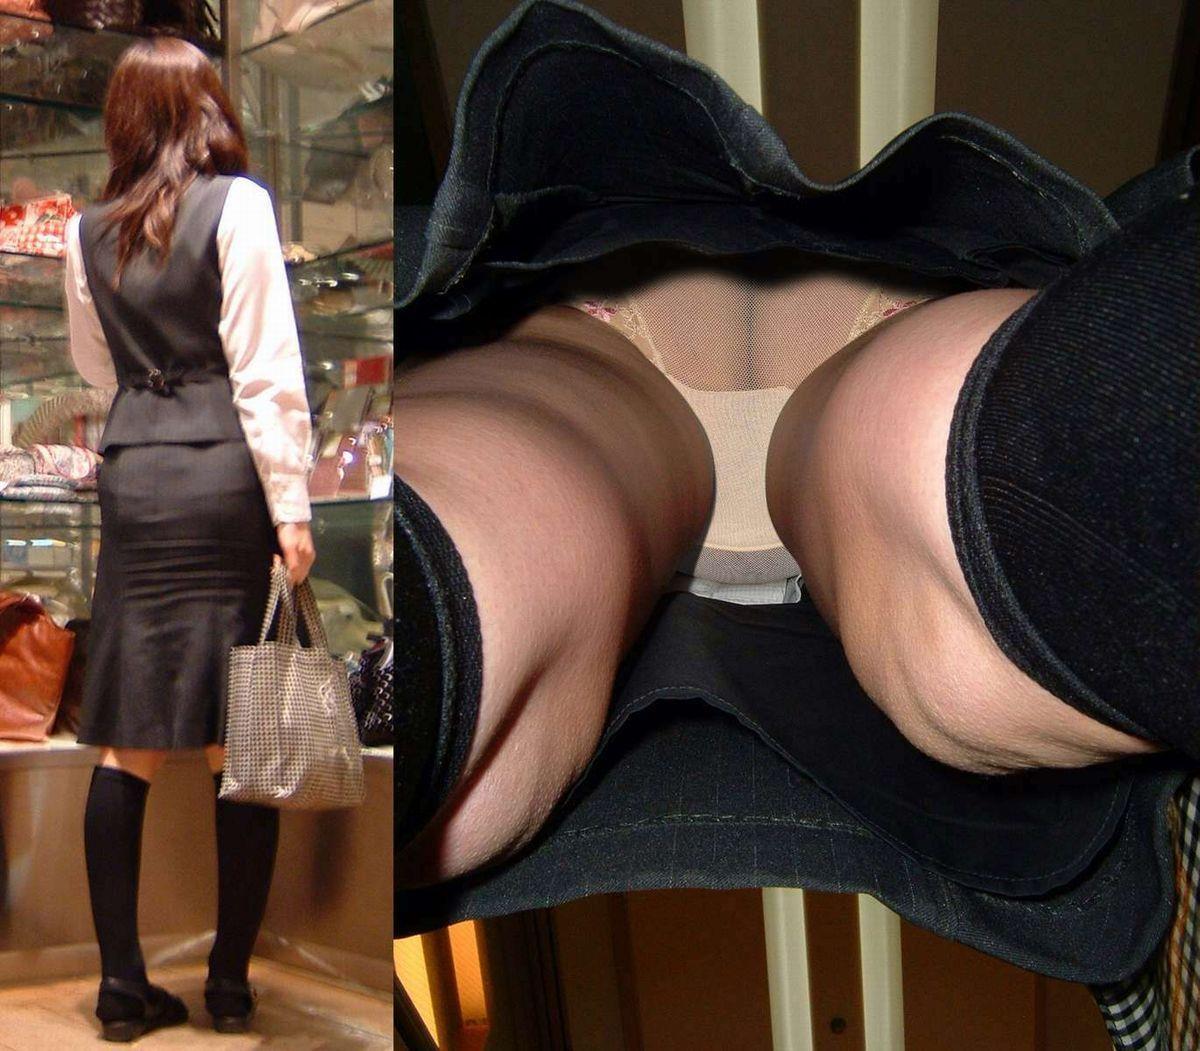 仕事終わりに買い物してるOLを狙って隠し撮り!